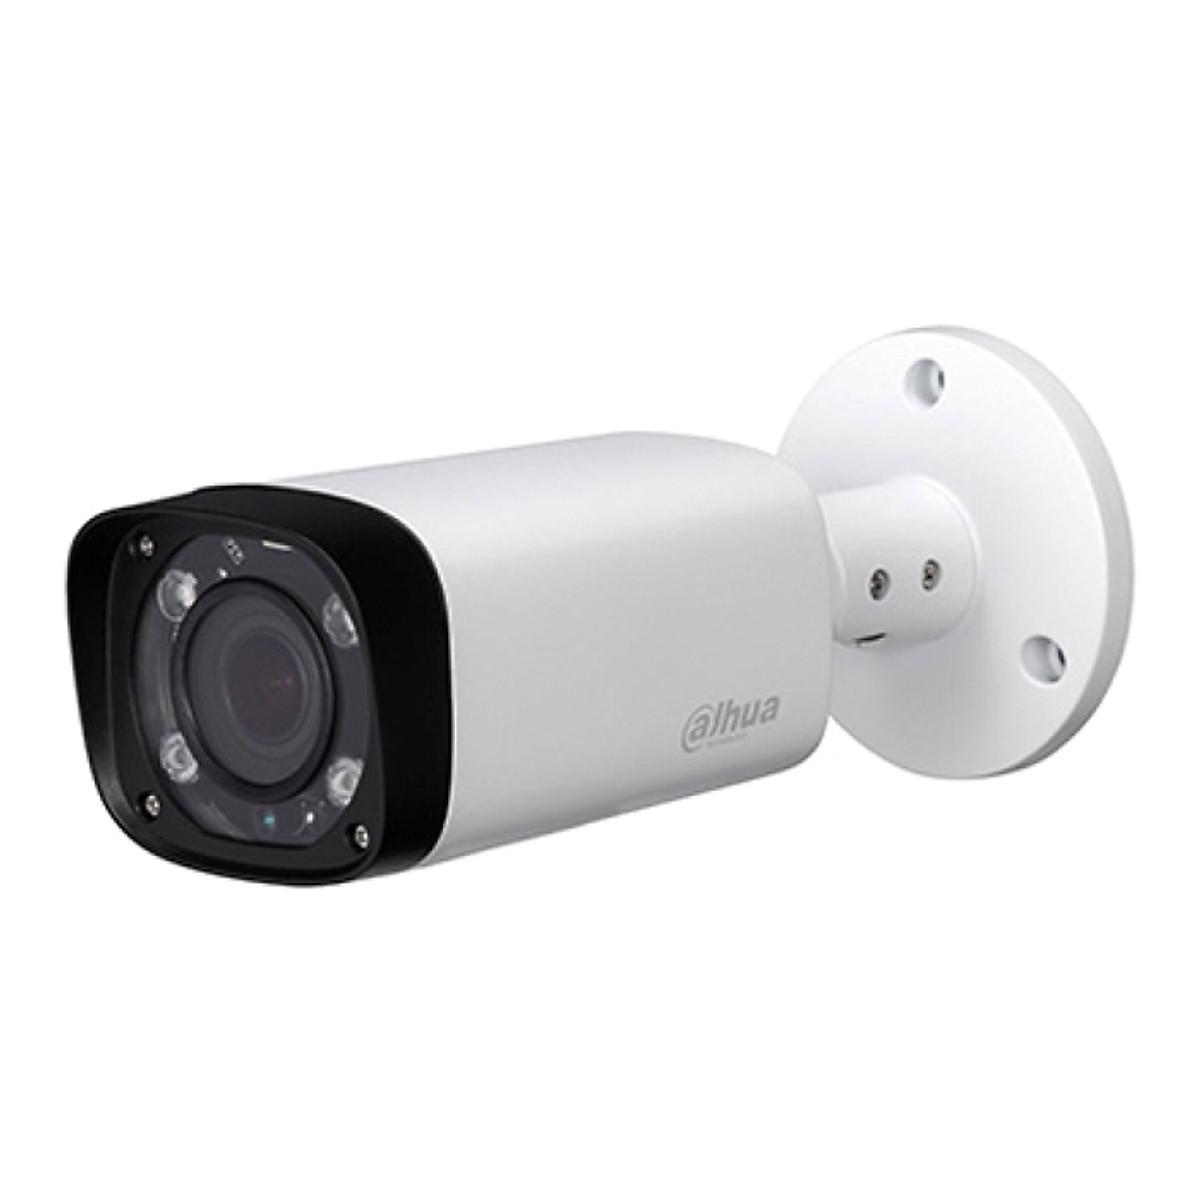 Camera Dahua HDCVI DH-HAC-HFW1100RP-VF-IRE6 1.0MP – Hàng Nhập Khẩu